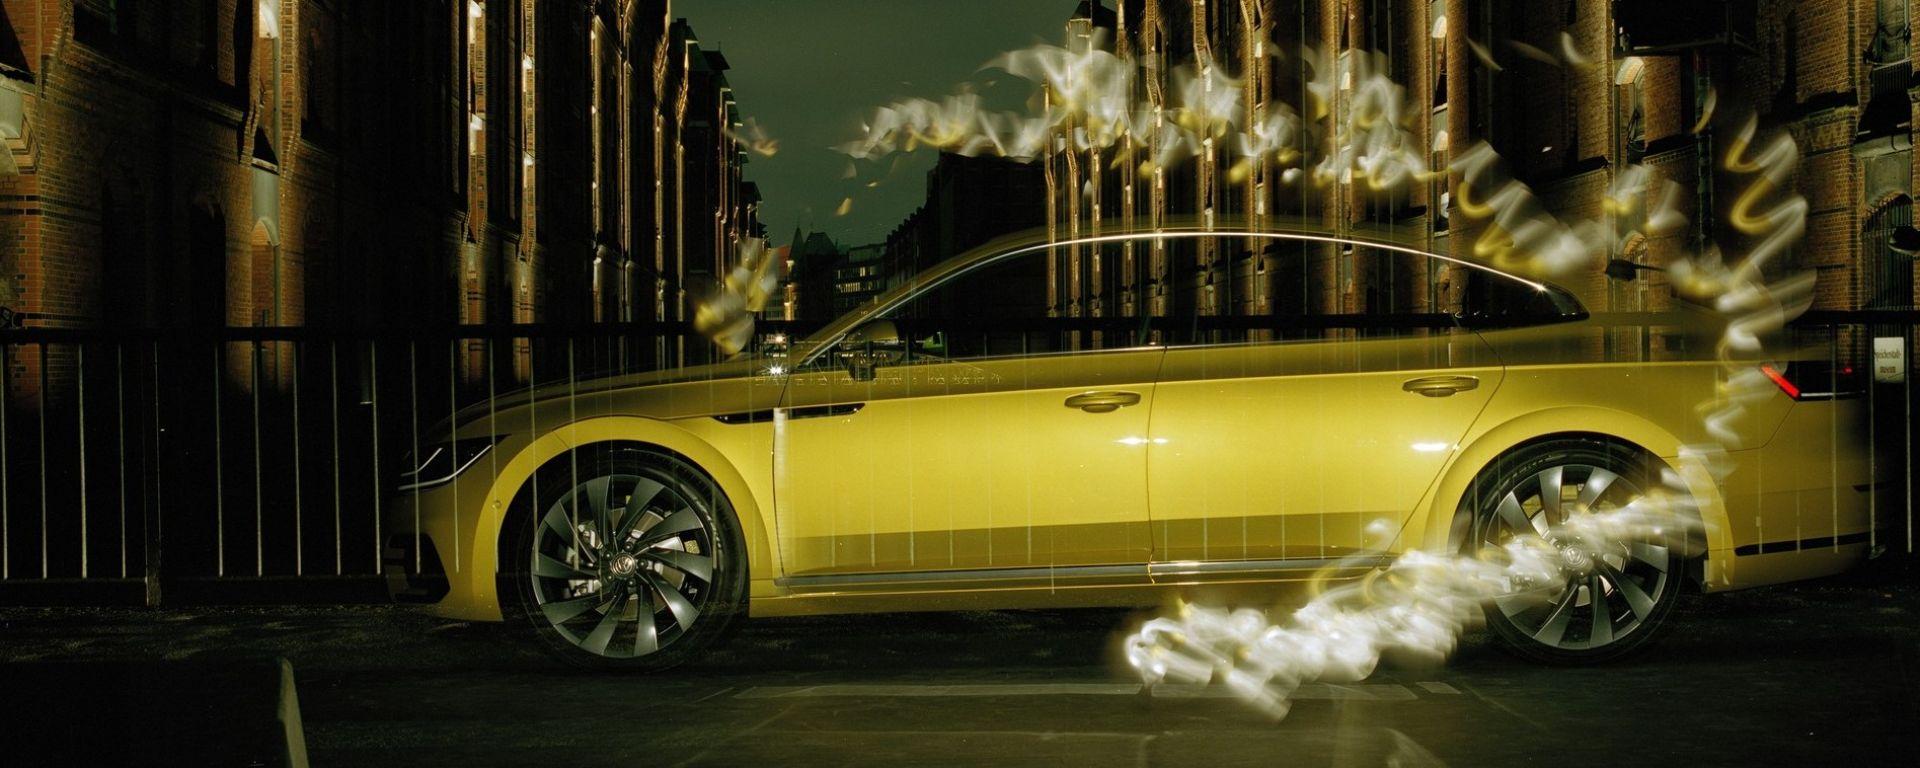 Volkswagen Arteon fotografata da Peter Eckert